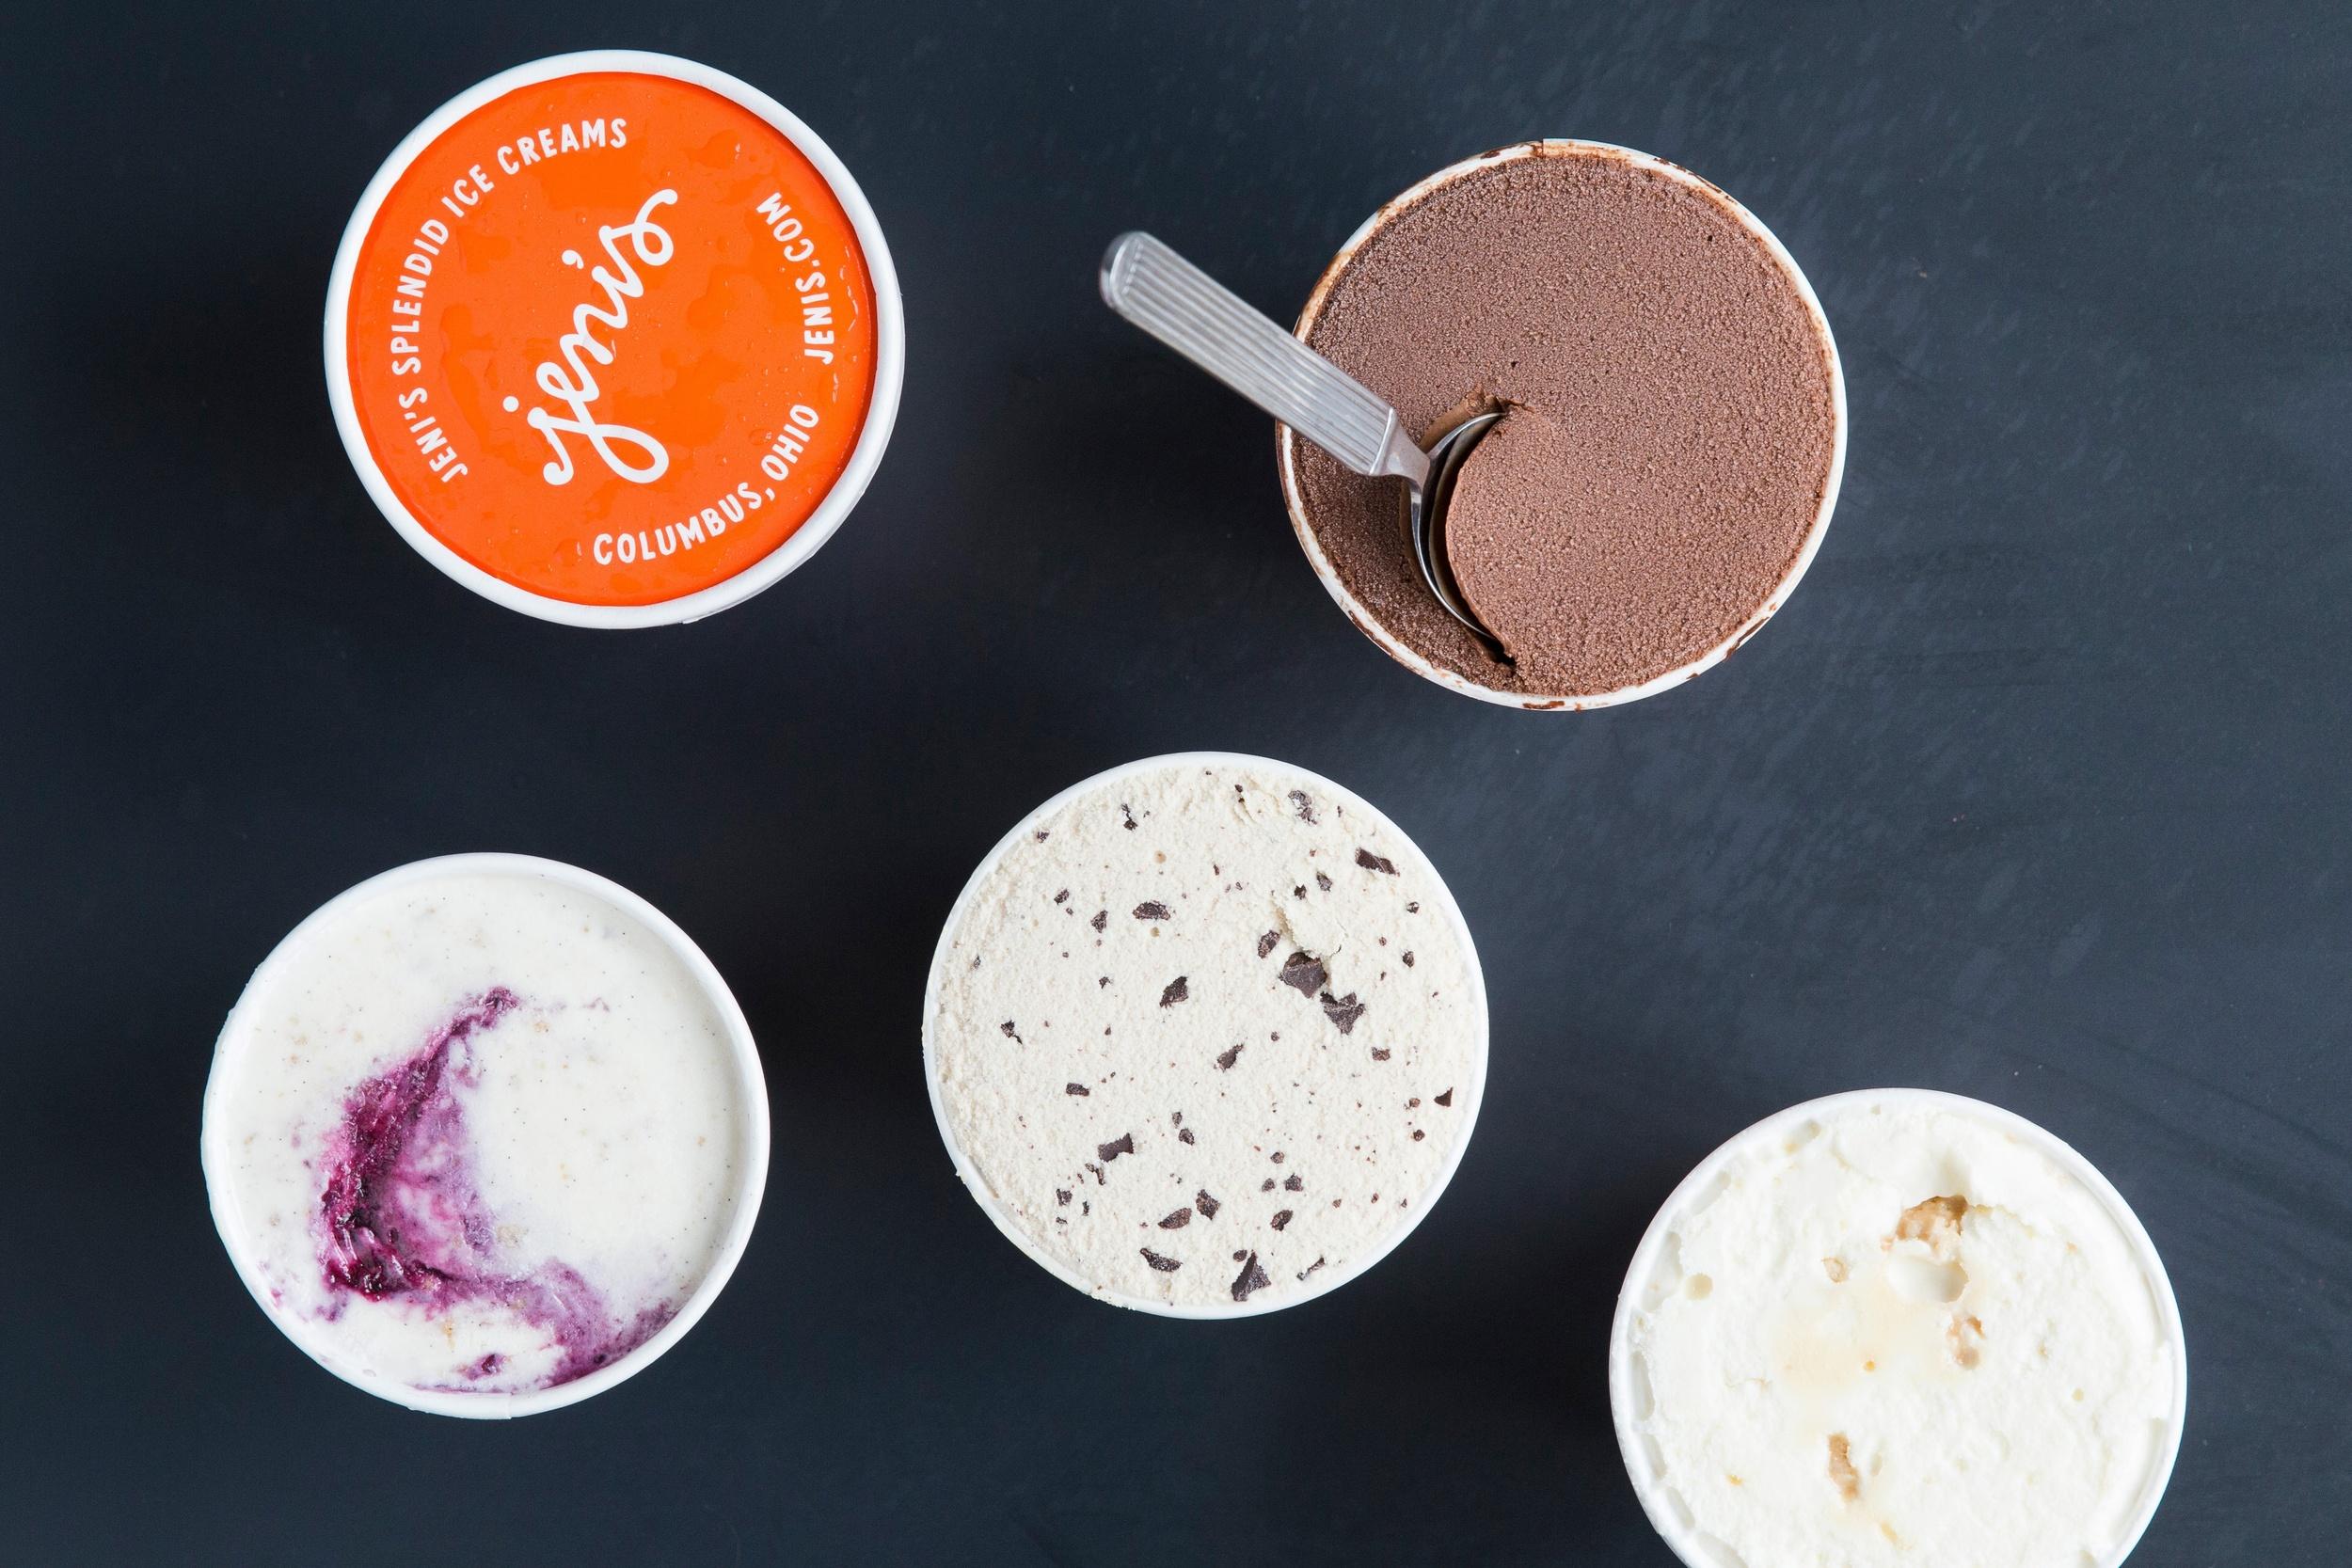 jenis-splendid-ice-creams